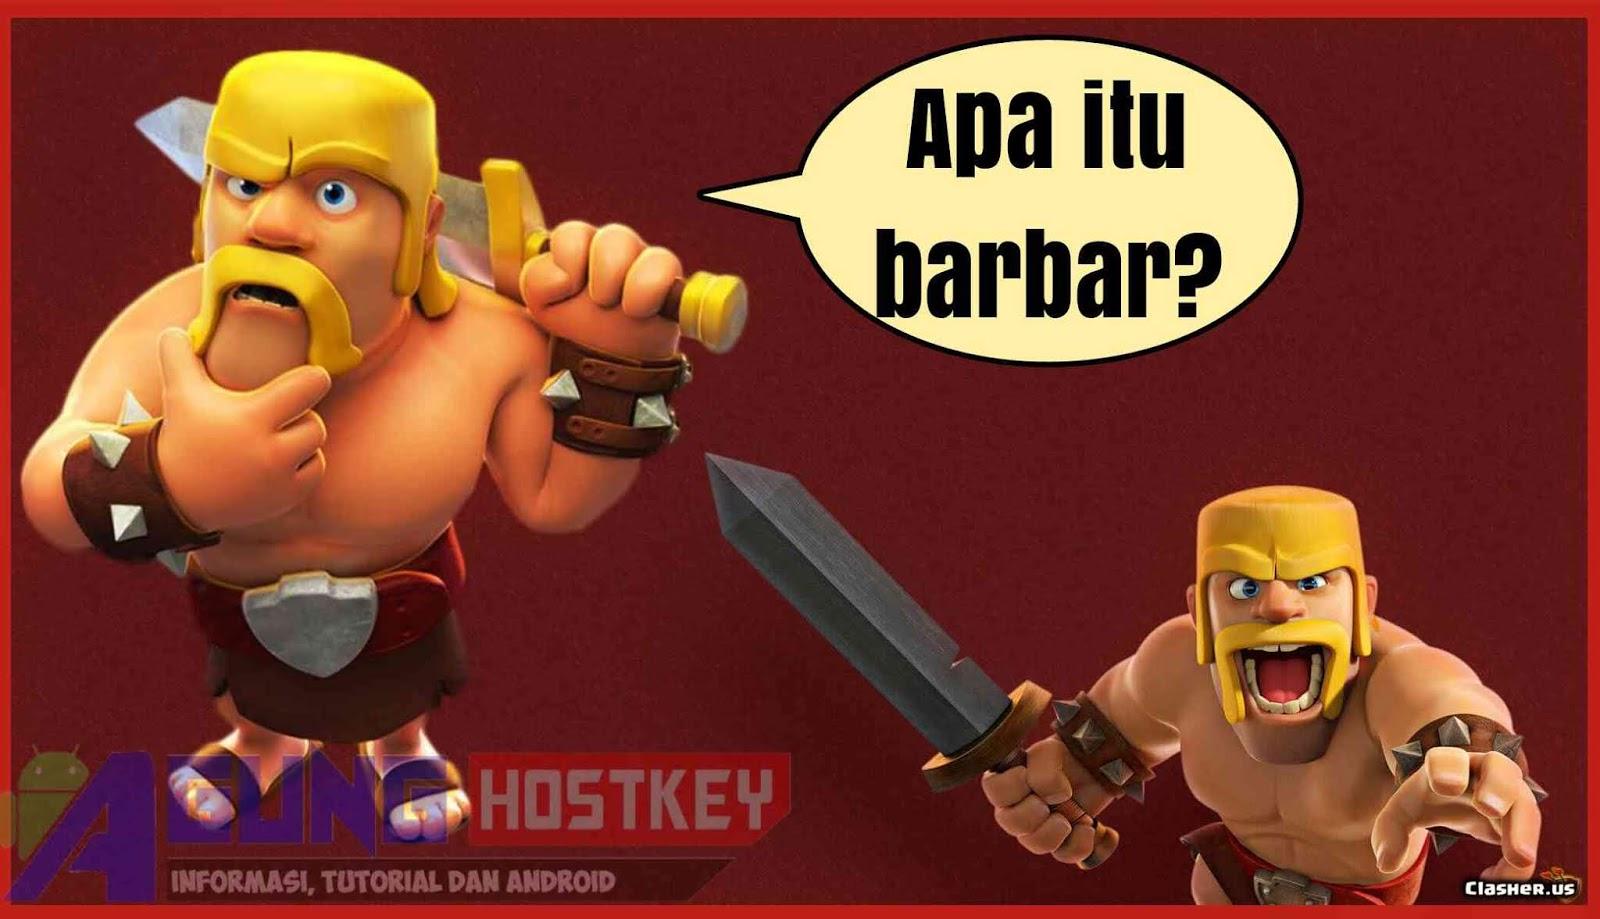 Apa Itu Barbar Dalam Bahasa Gaul Dan Dalam Game Agung Hostkey